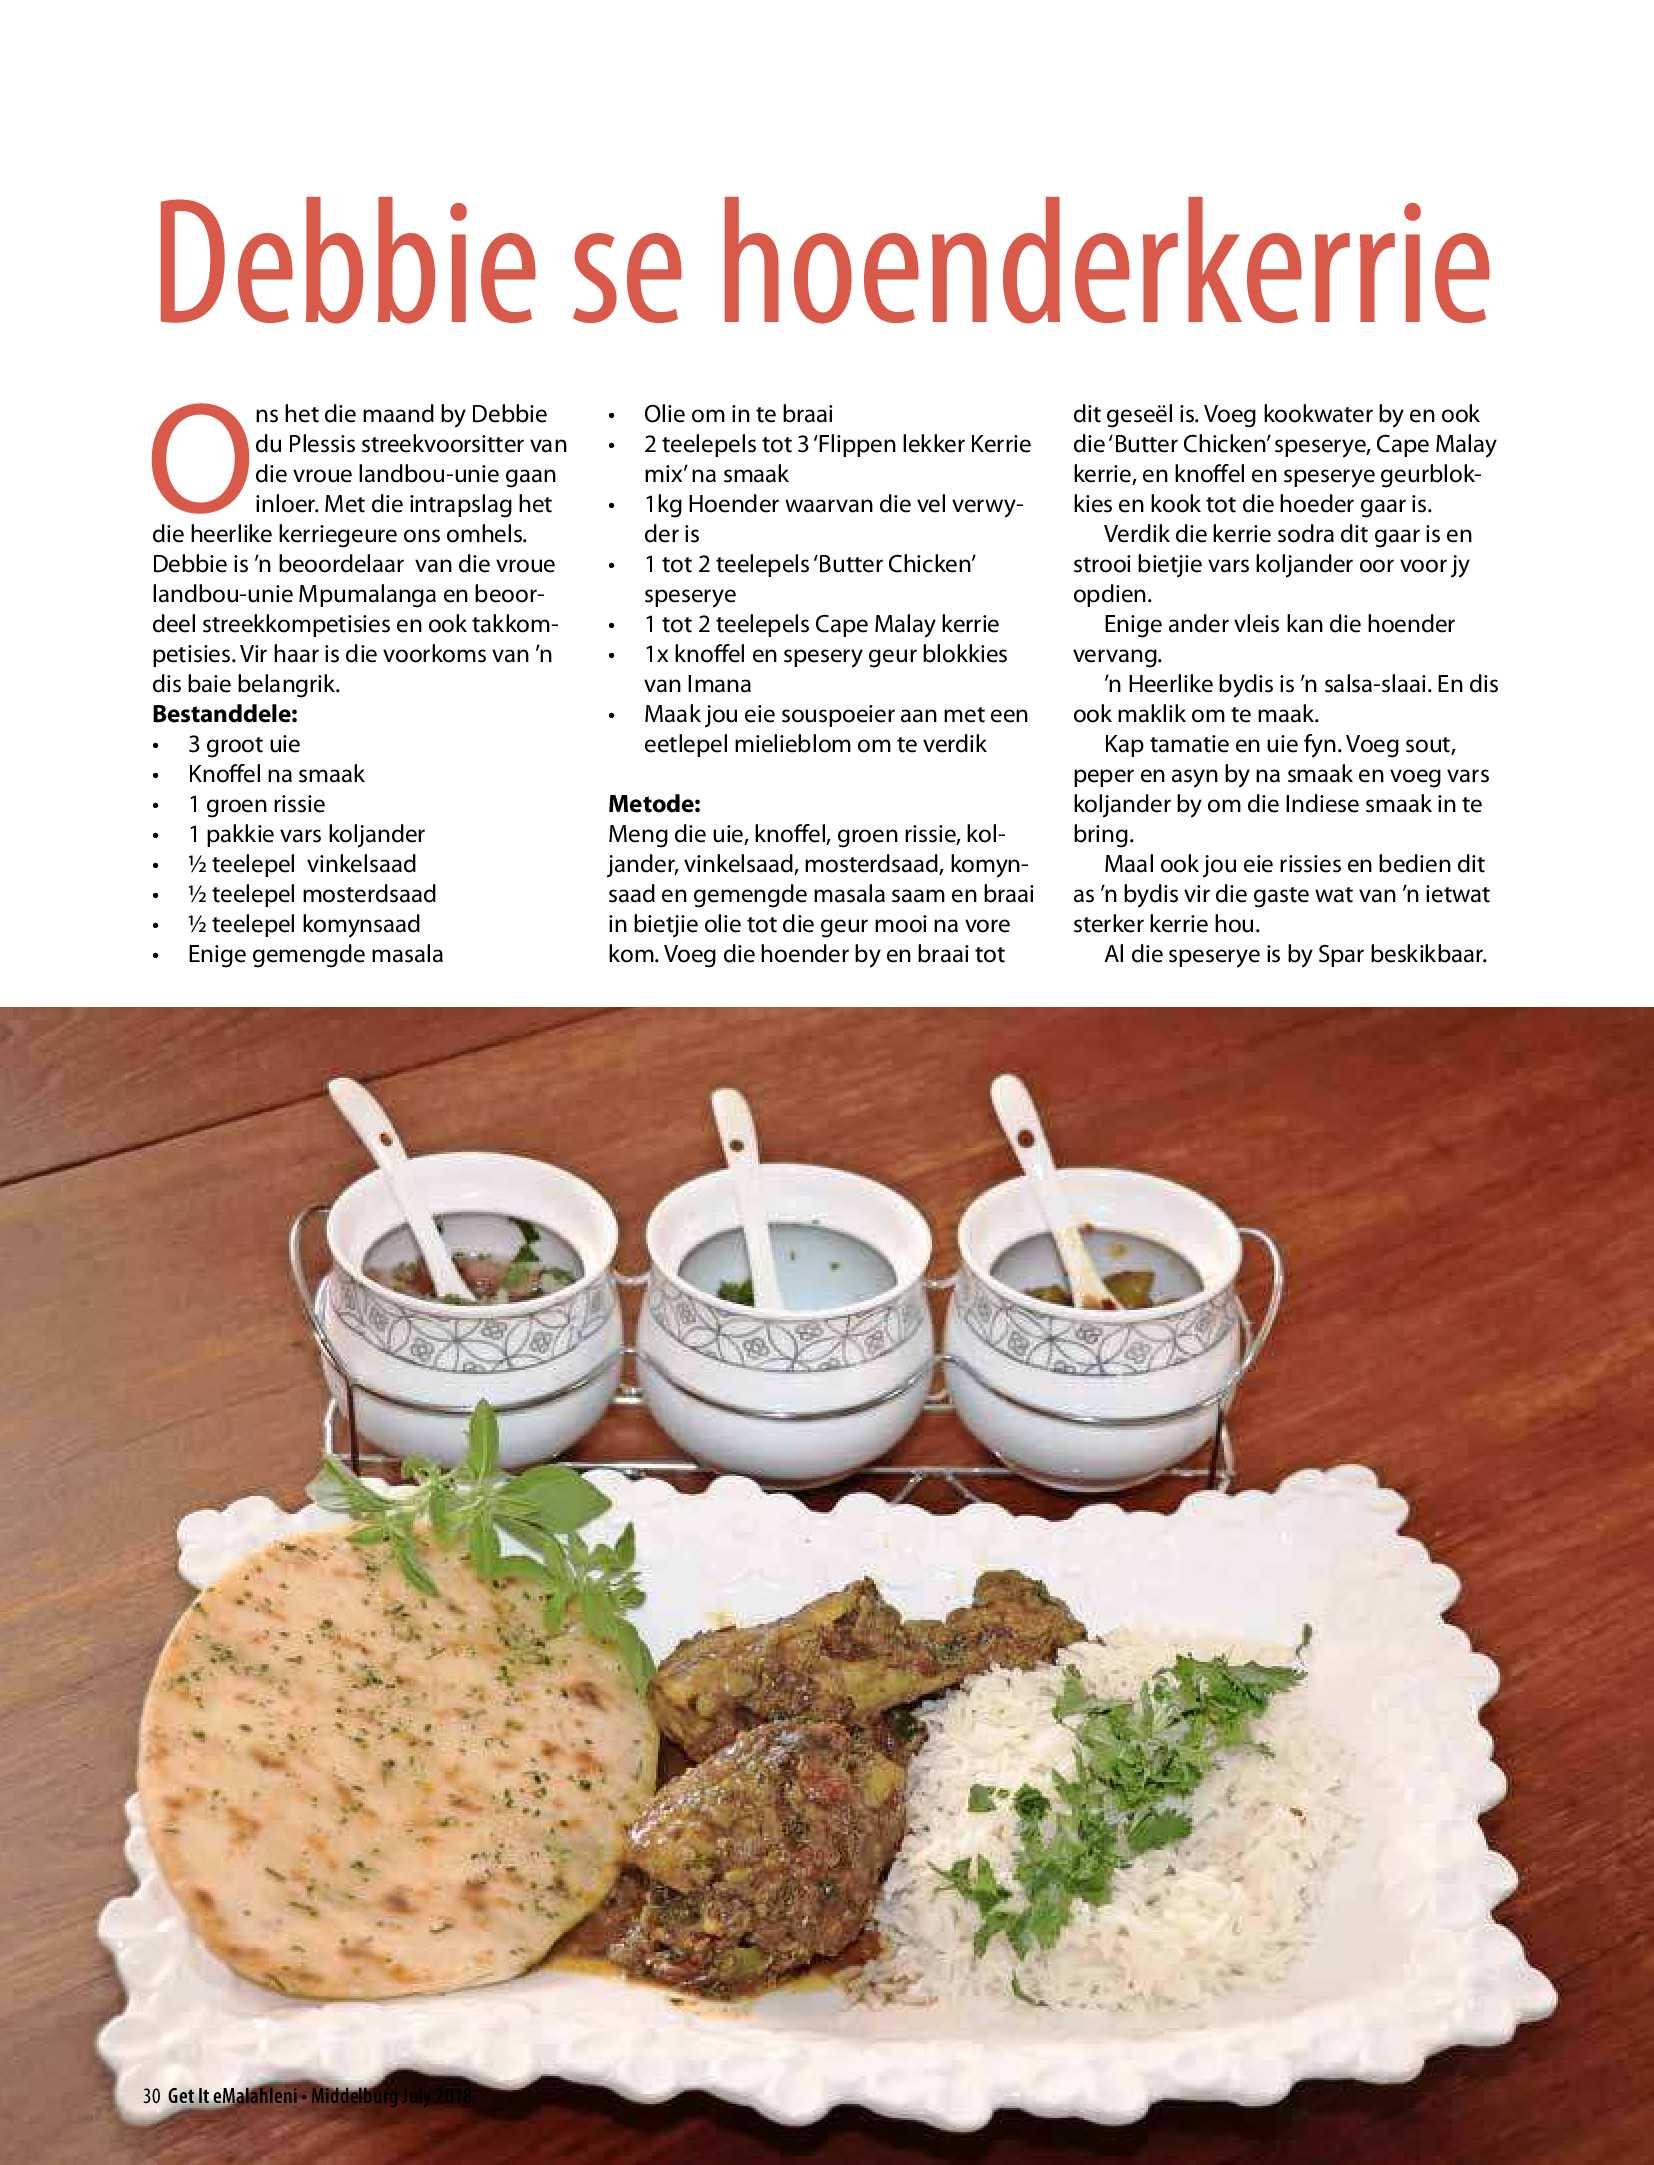 get-middelburg-july-18-epapers-page-32